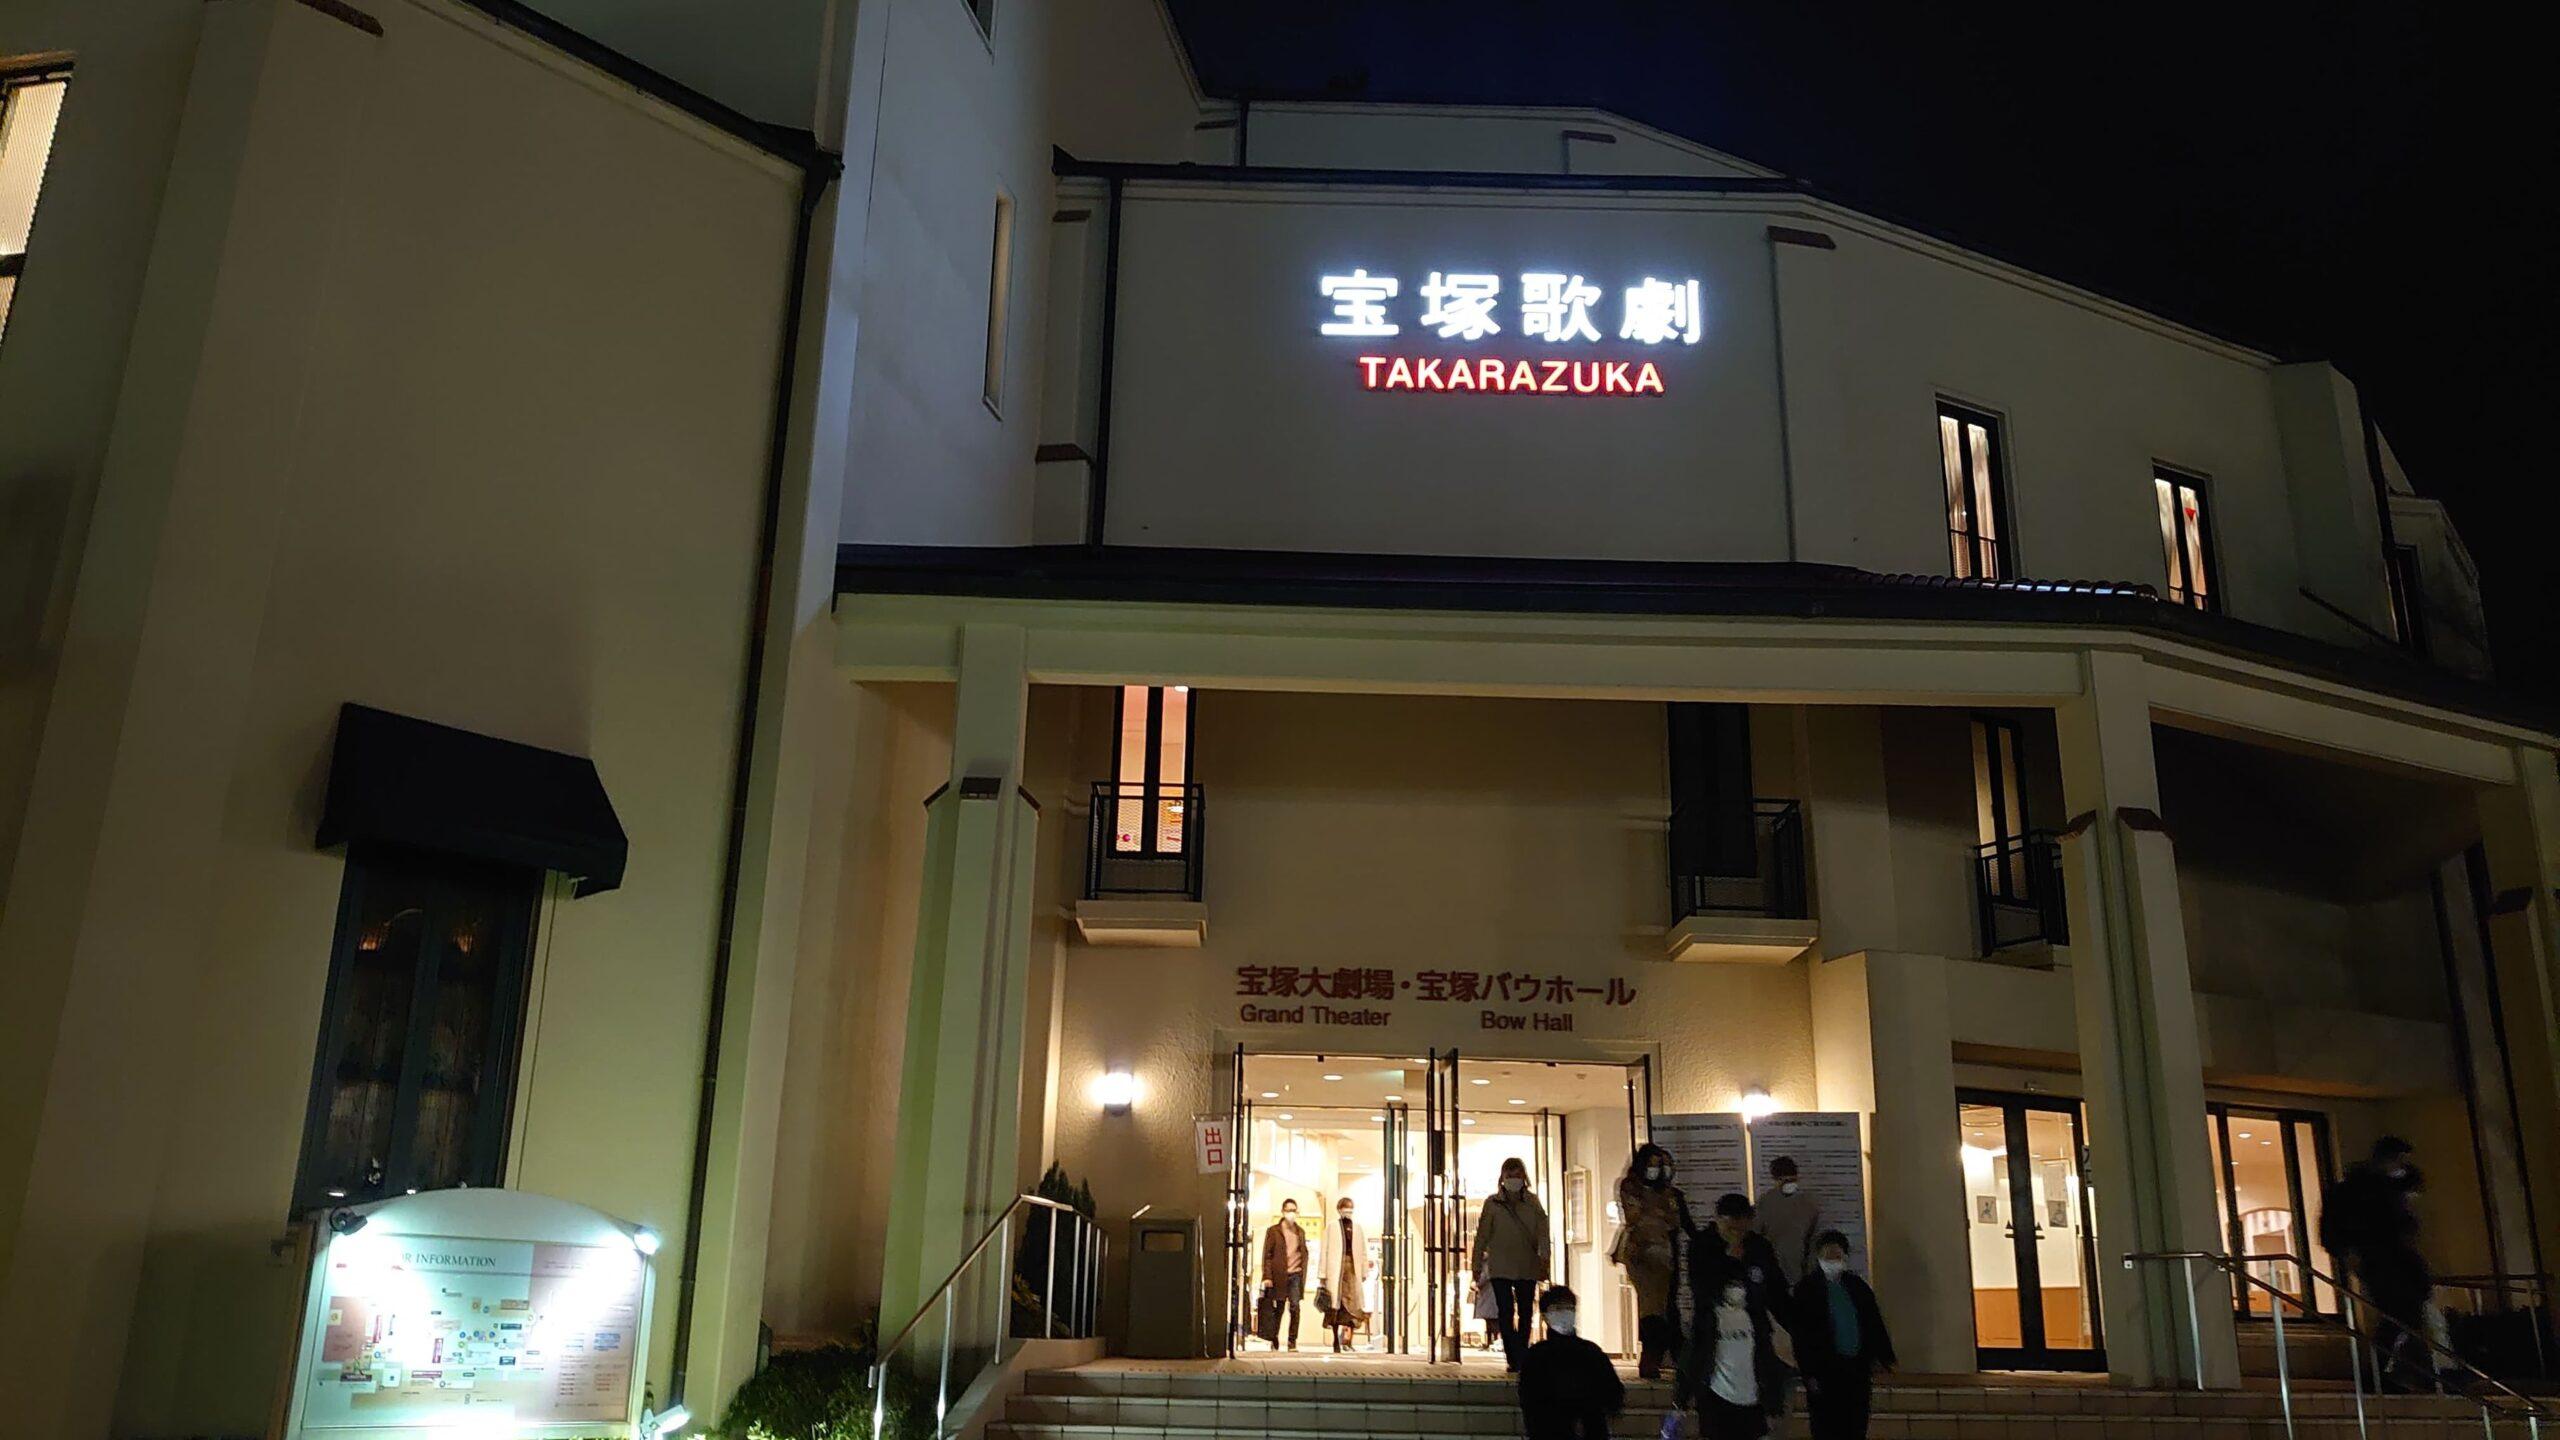 宝塚駅徒歩5分